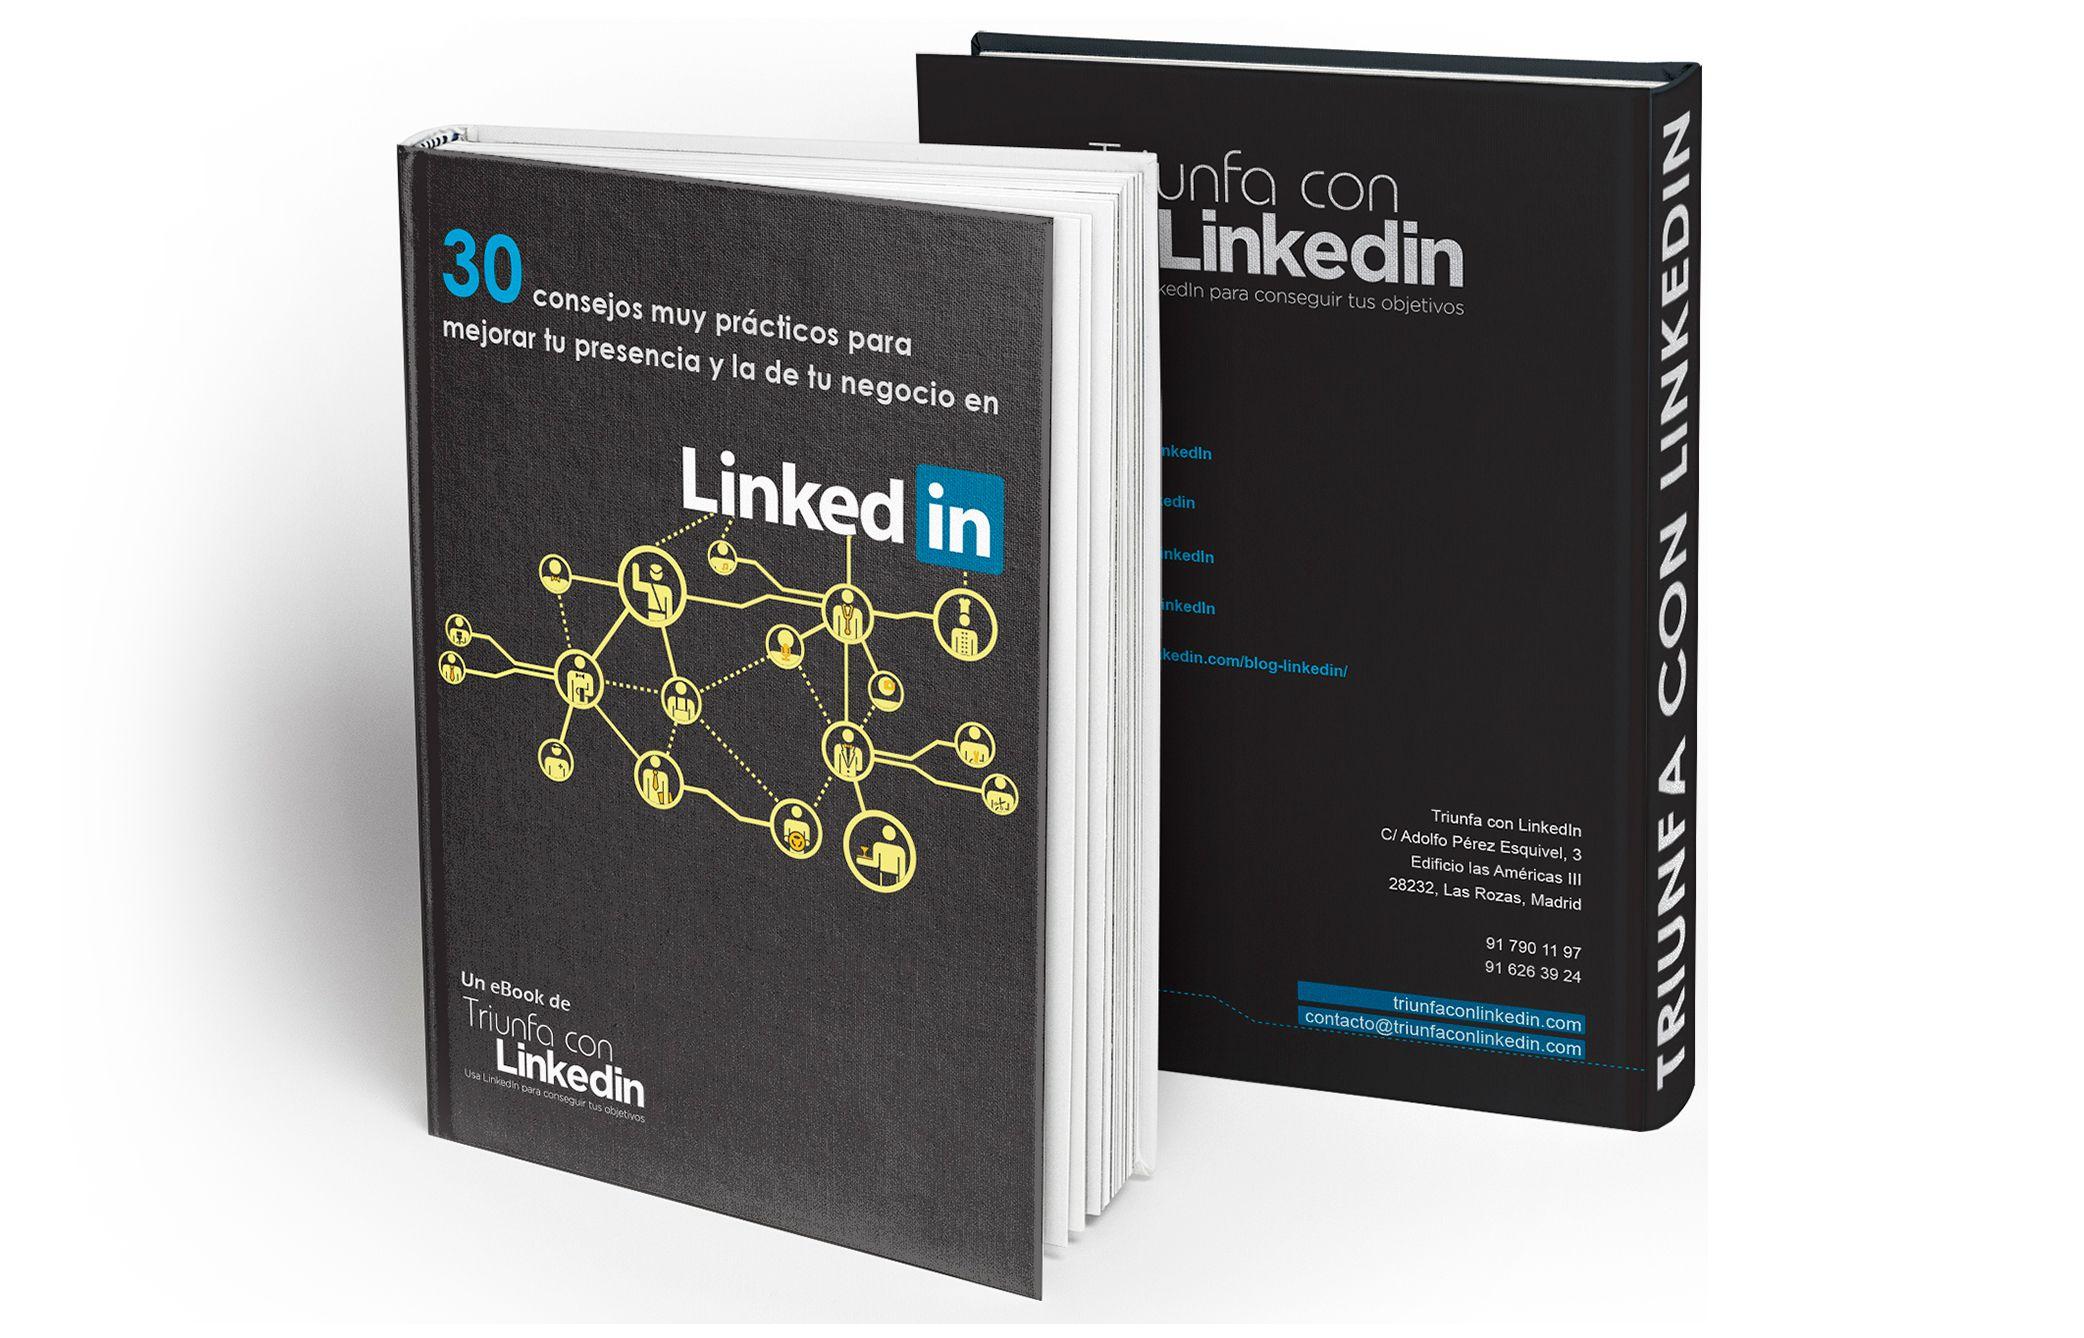 30 Consejos para mejorar tu presencia y la de tu negocio en LinkedIn